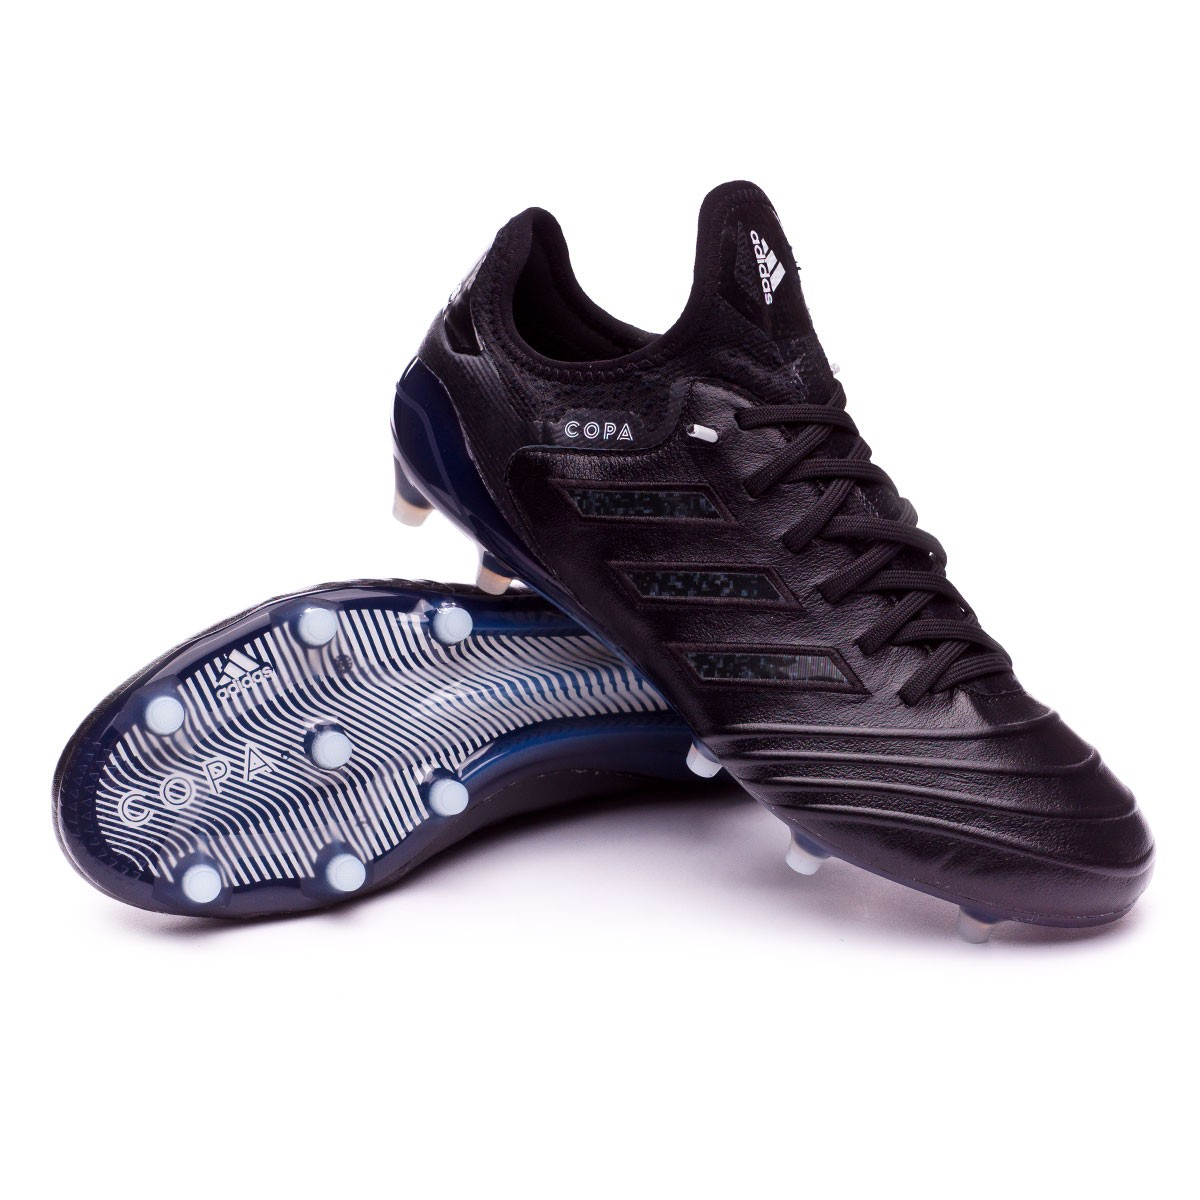 Nuevo adidas Copa 18.1 FG 2018 Zapatos de Futbol Tacos de Futbol